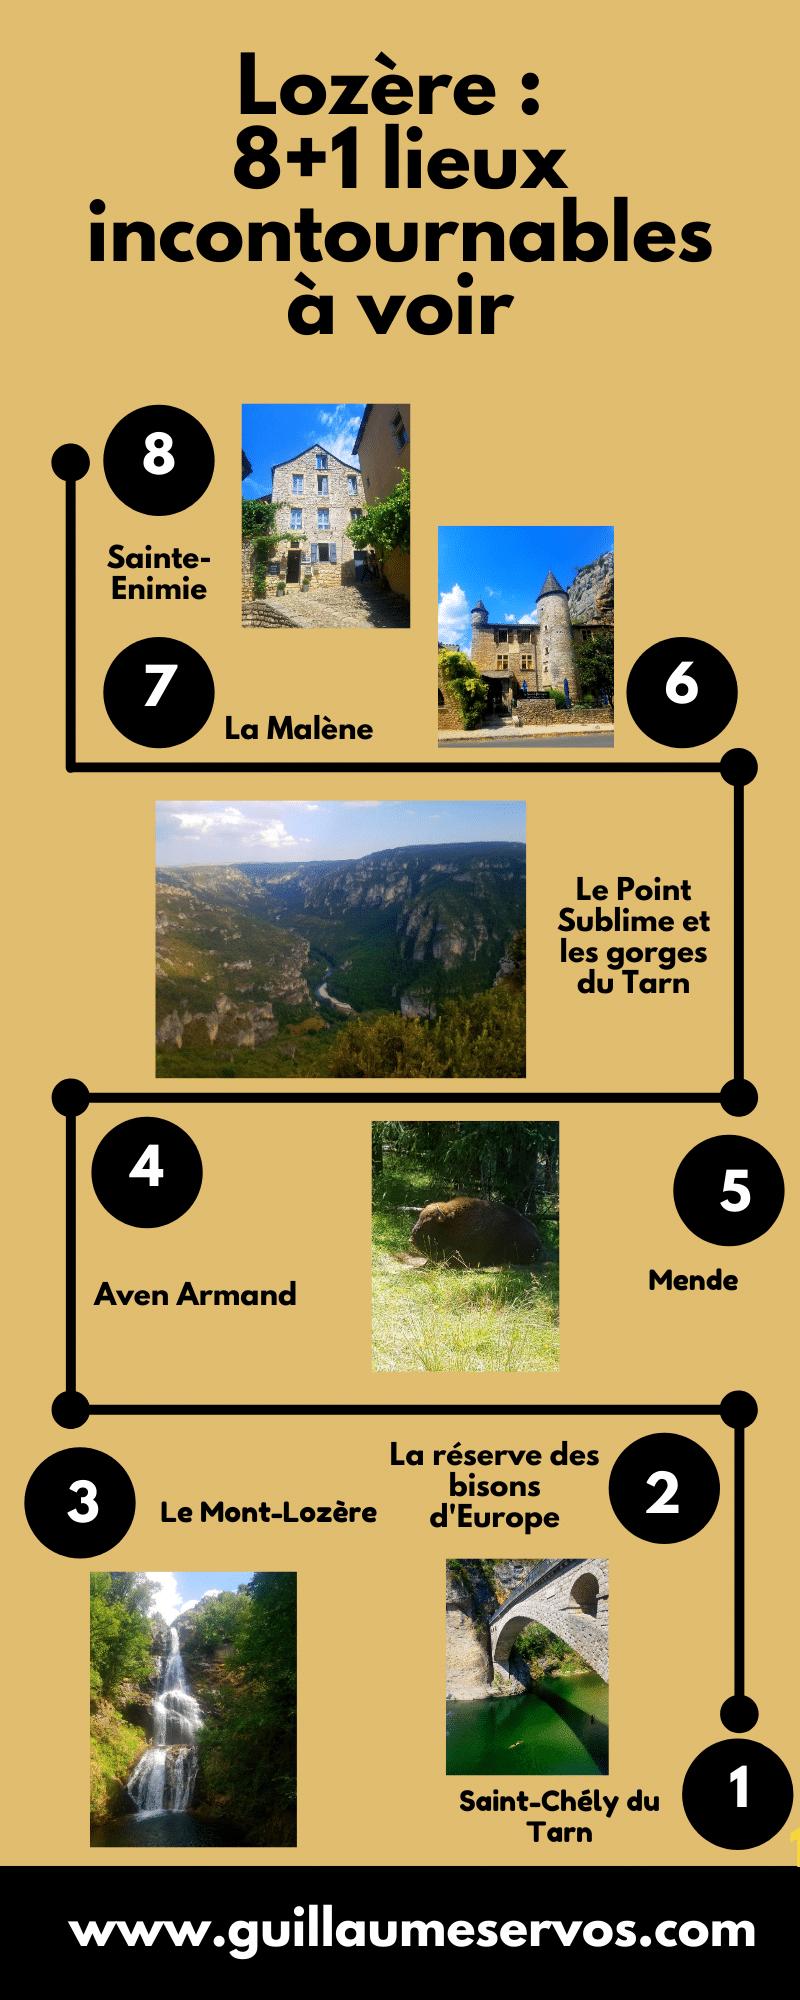 Que voir / Que faire en Lozère ? Au menu : les gorges du Tarn, la réserve des bisons d'Europe, l'Aven Armand, Sainte-Enimie, le Point Sublime...